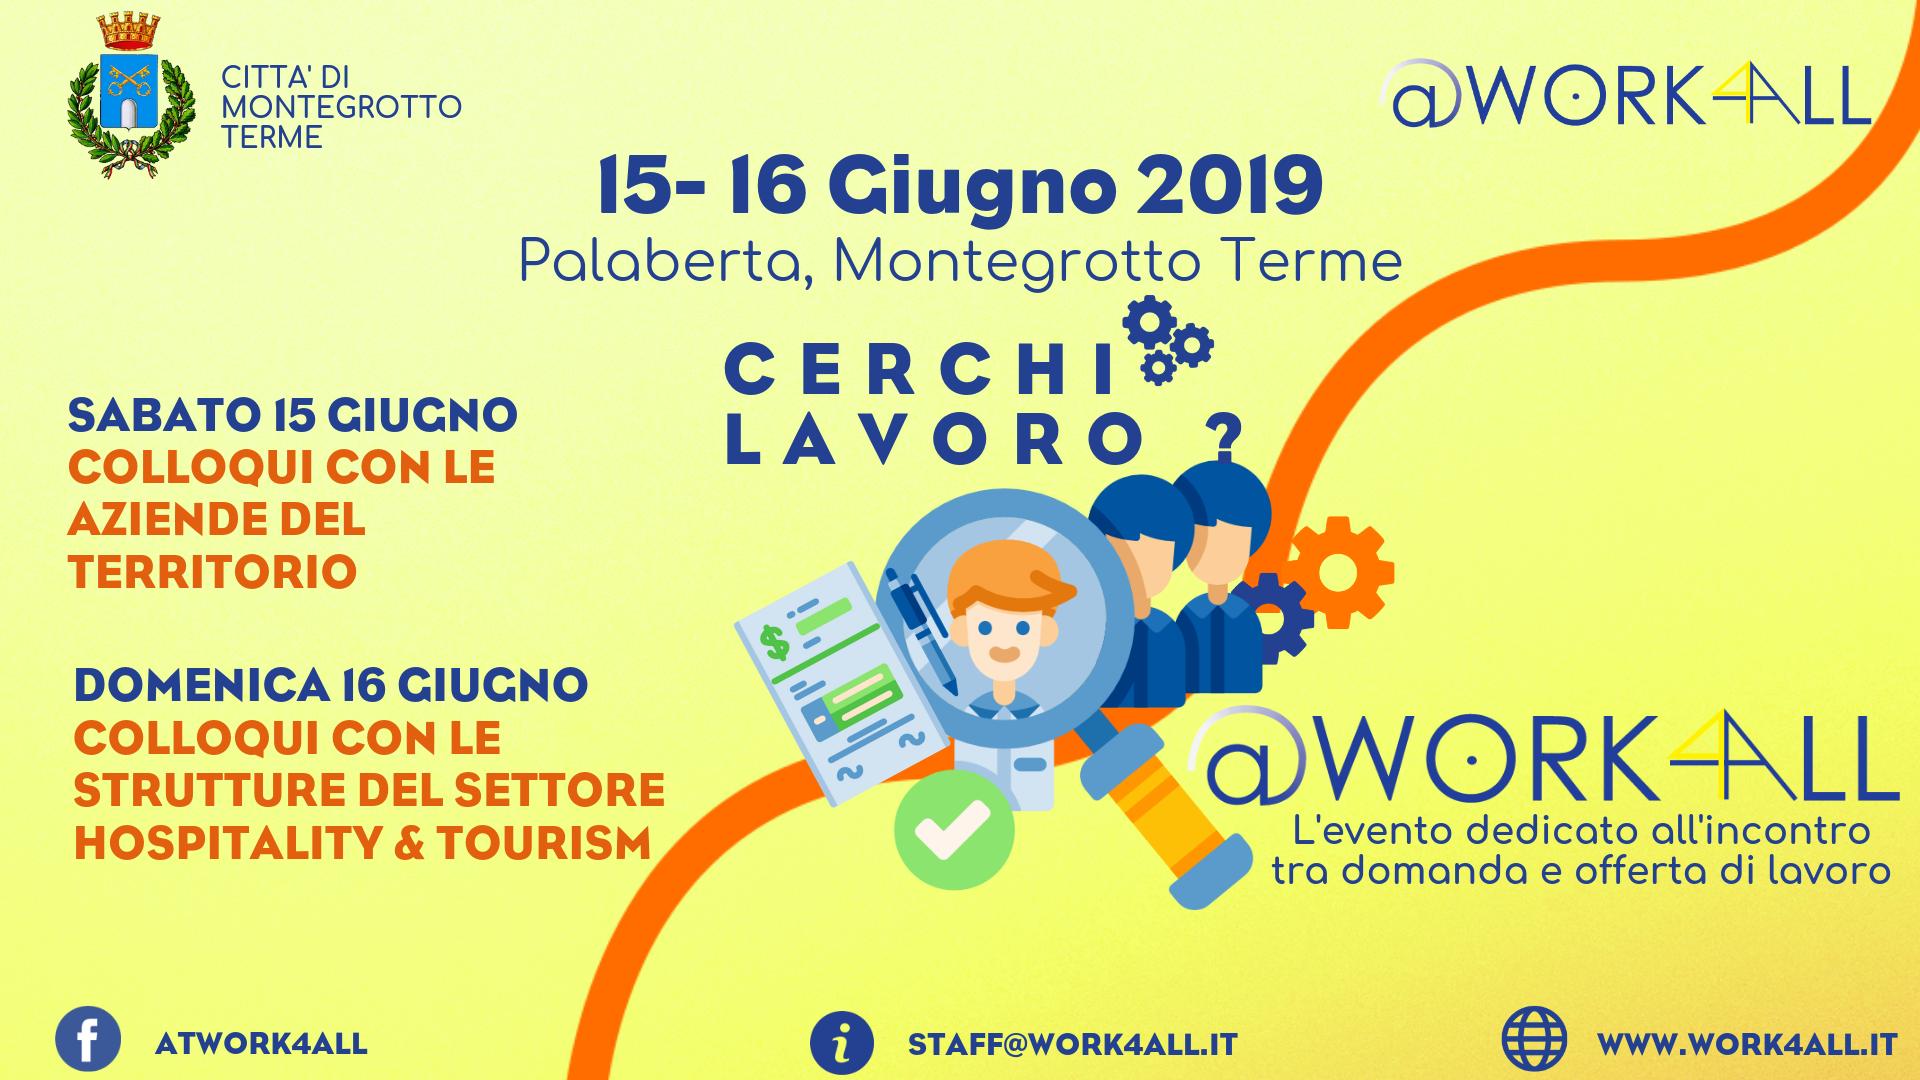 Calendario Manifestazioni Abano Terme.Work4all Sabato 15 E Domenica 16 Giugno